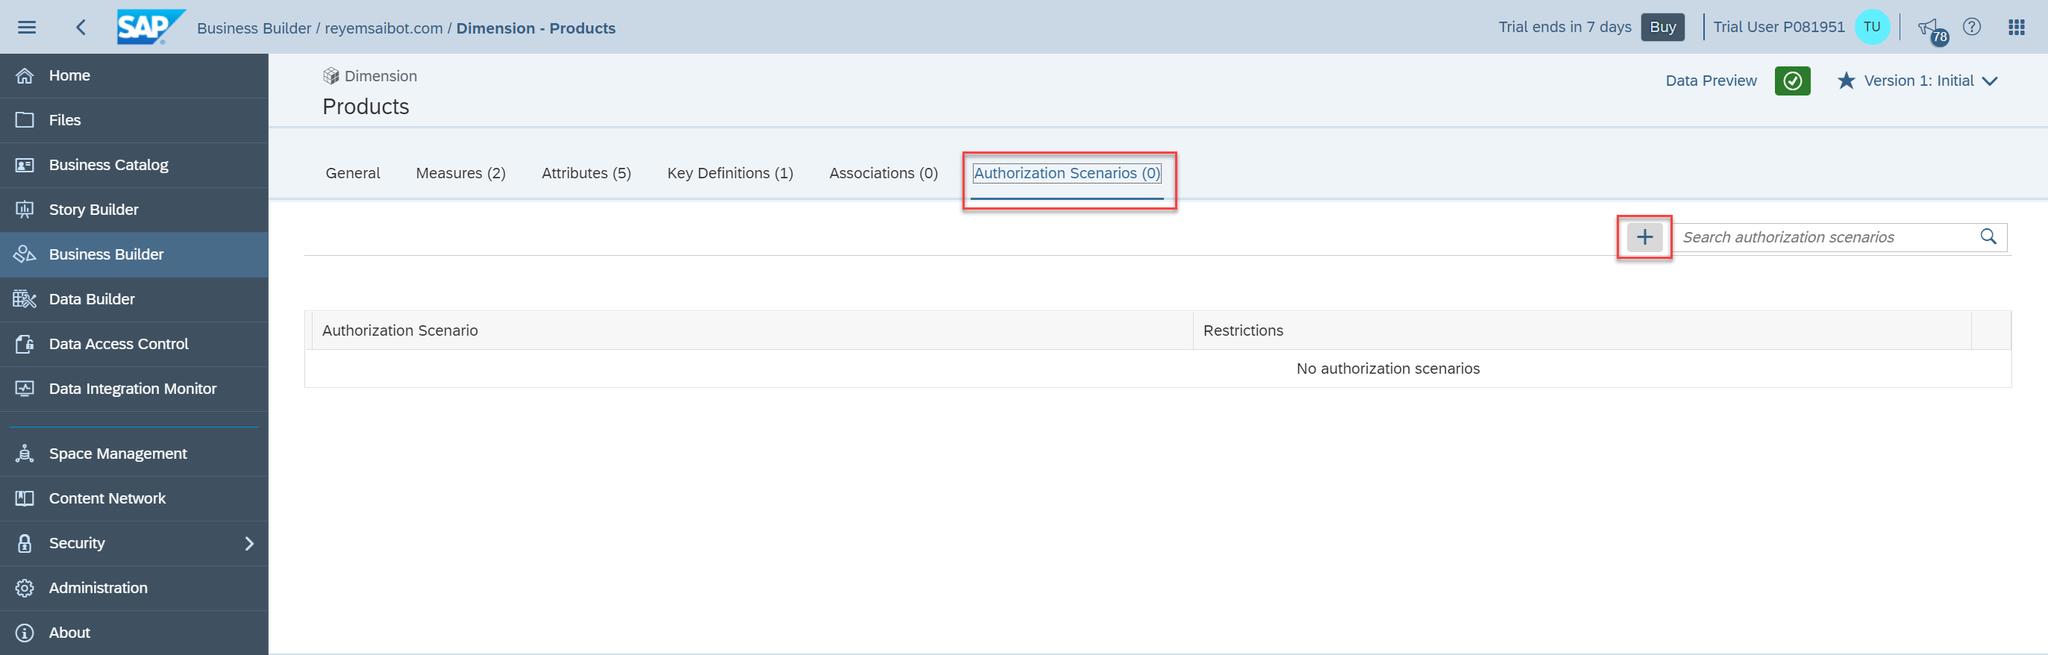 SAP Data Warehouse Cloud Add Authorization Scenario to Dimension